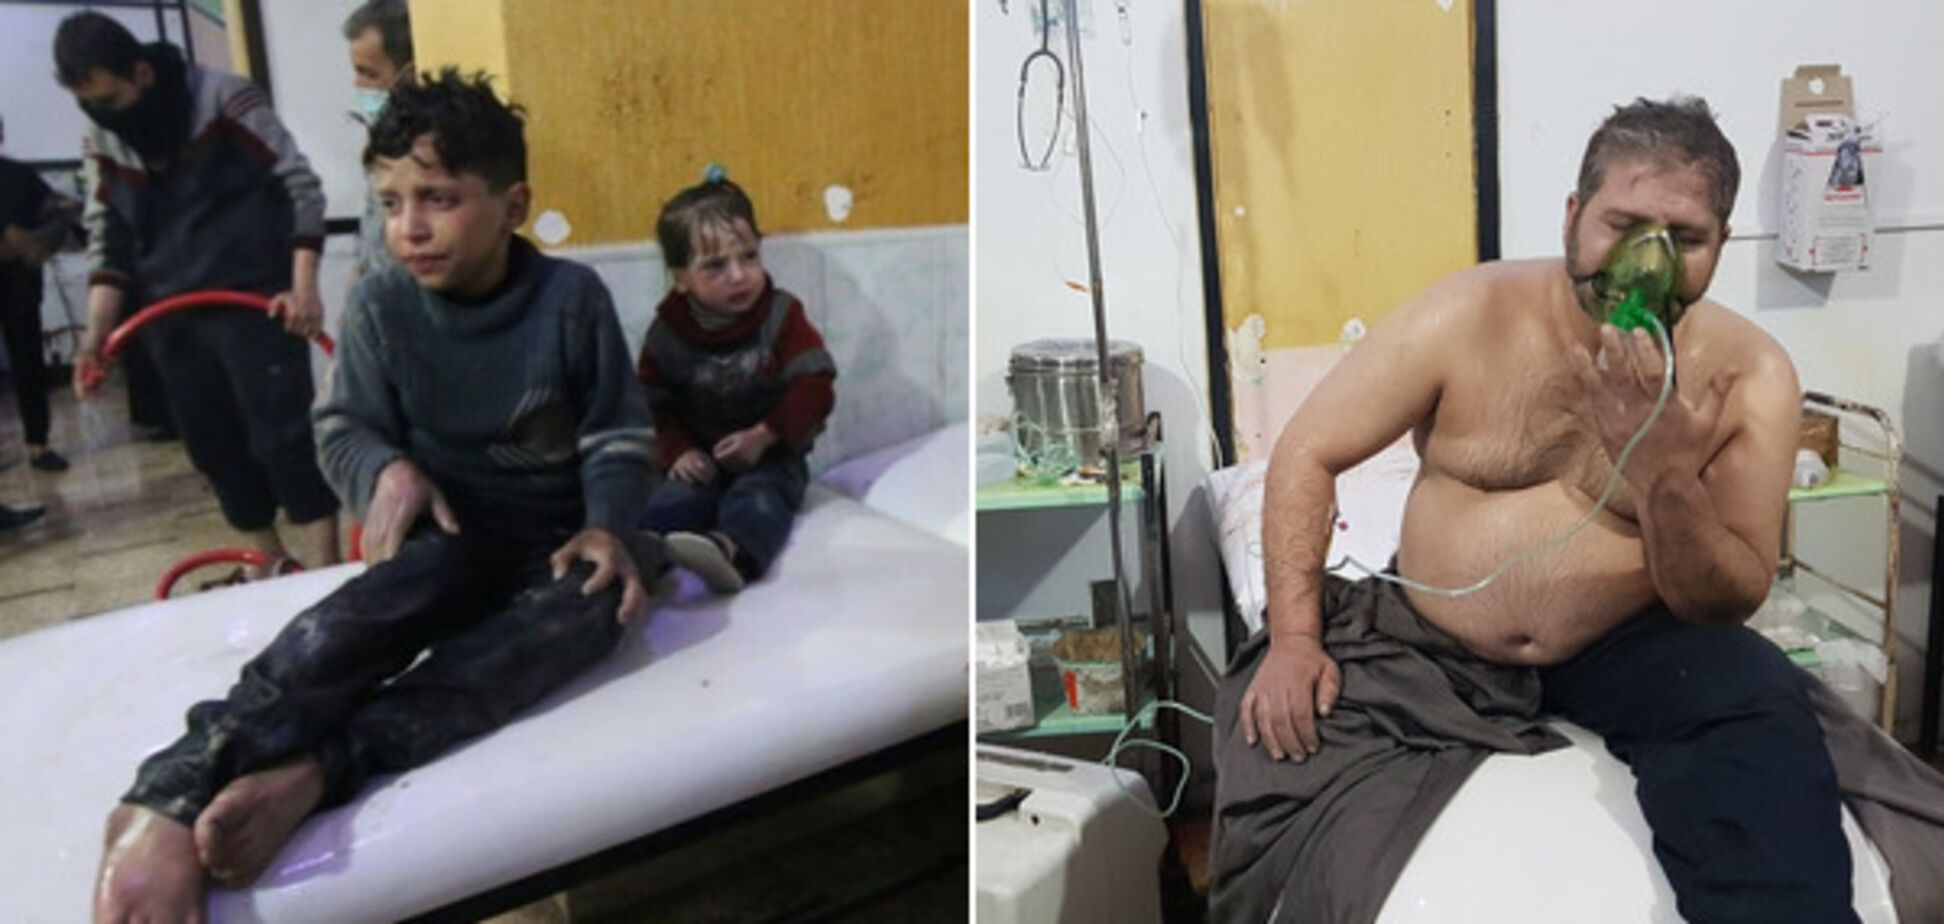 Росія зізналася? У Сирії сталася газова атака, загинули не менше 150 осіб